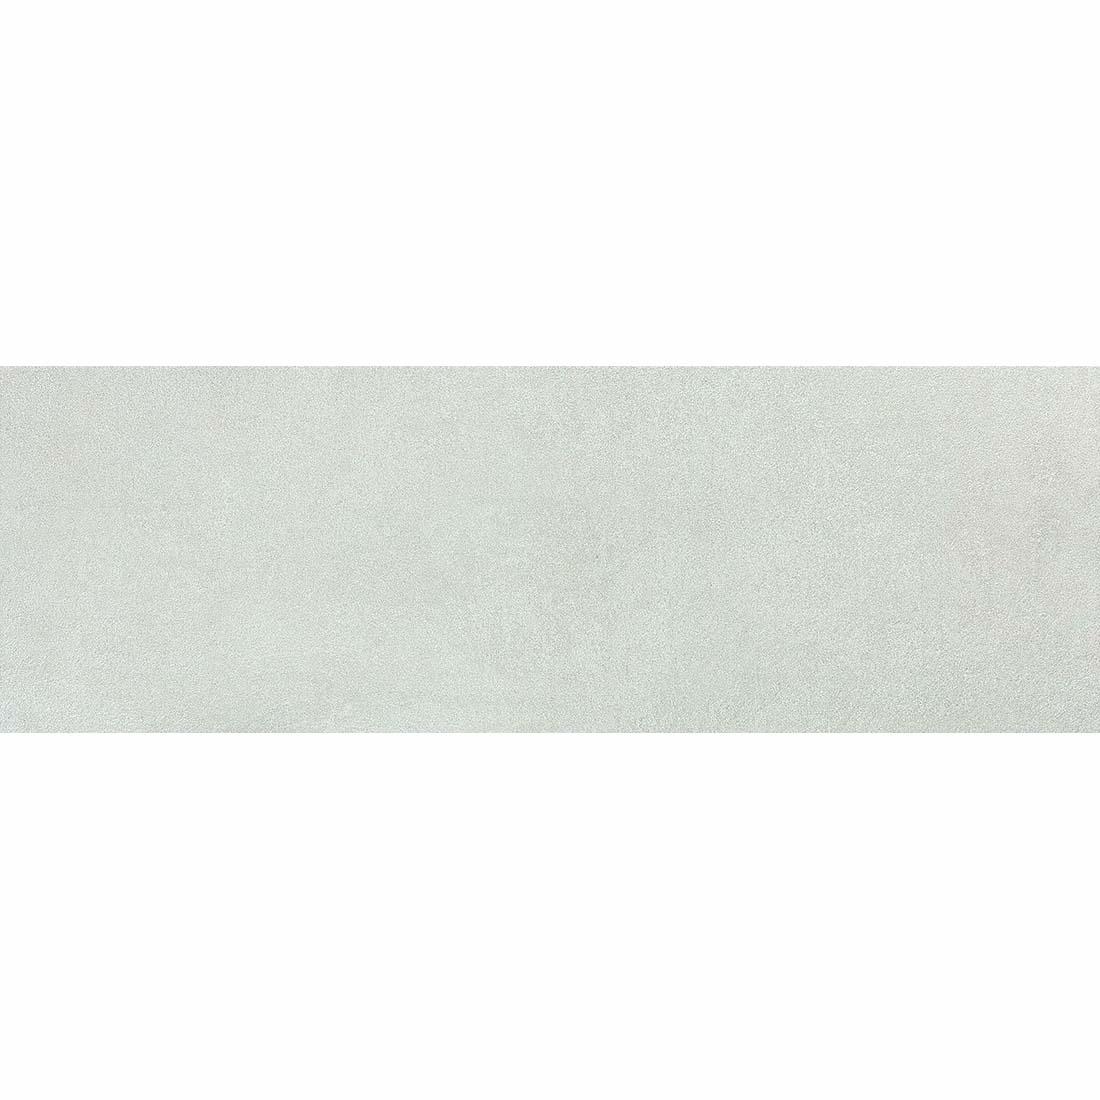 Plaster 25x75 Gris Matt 1